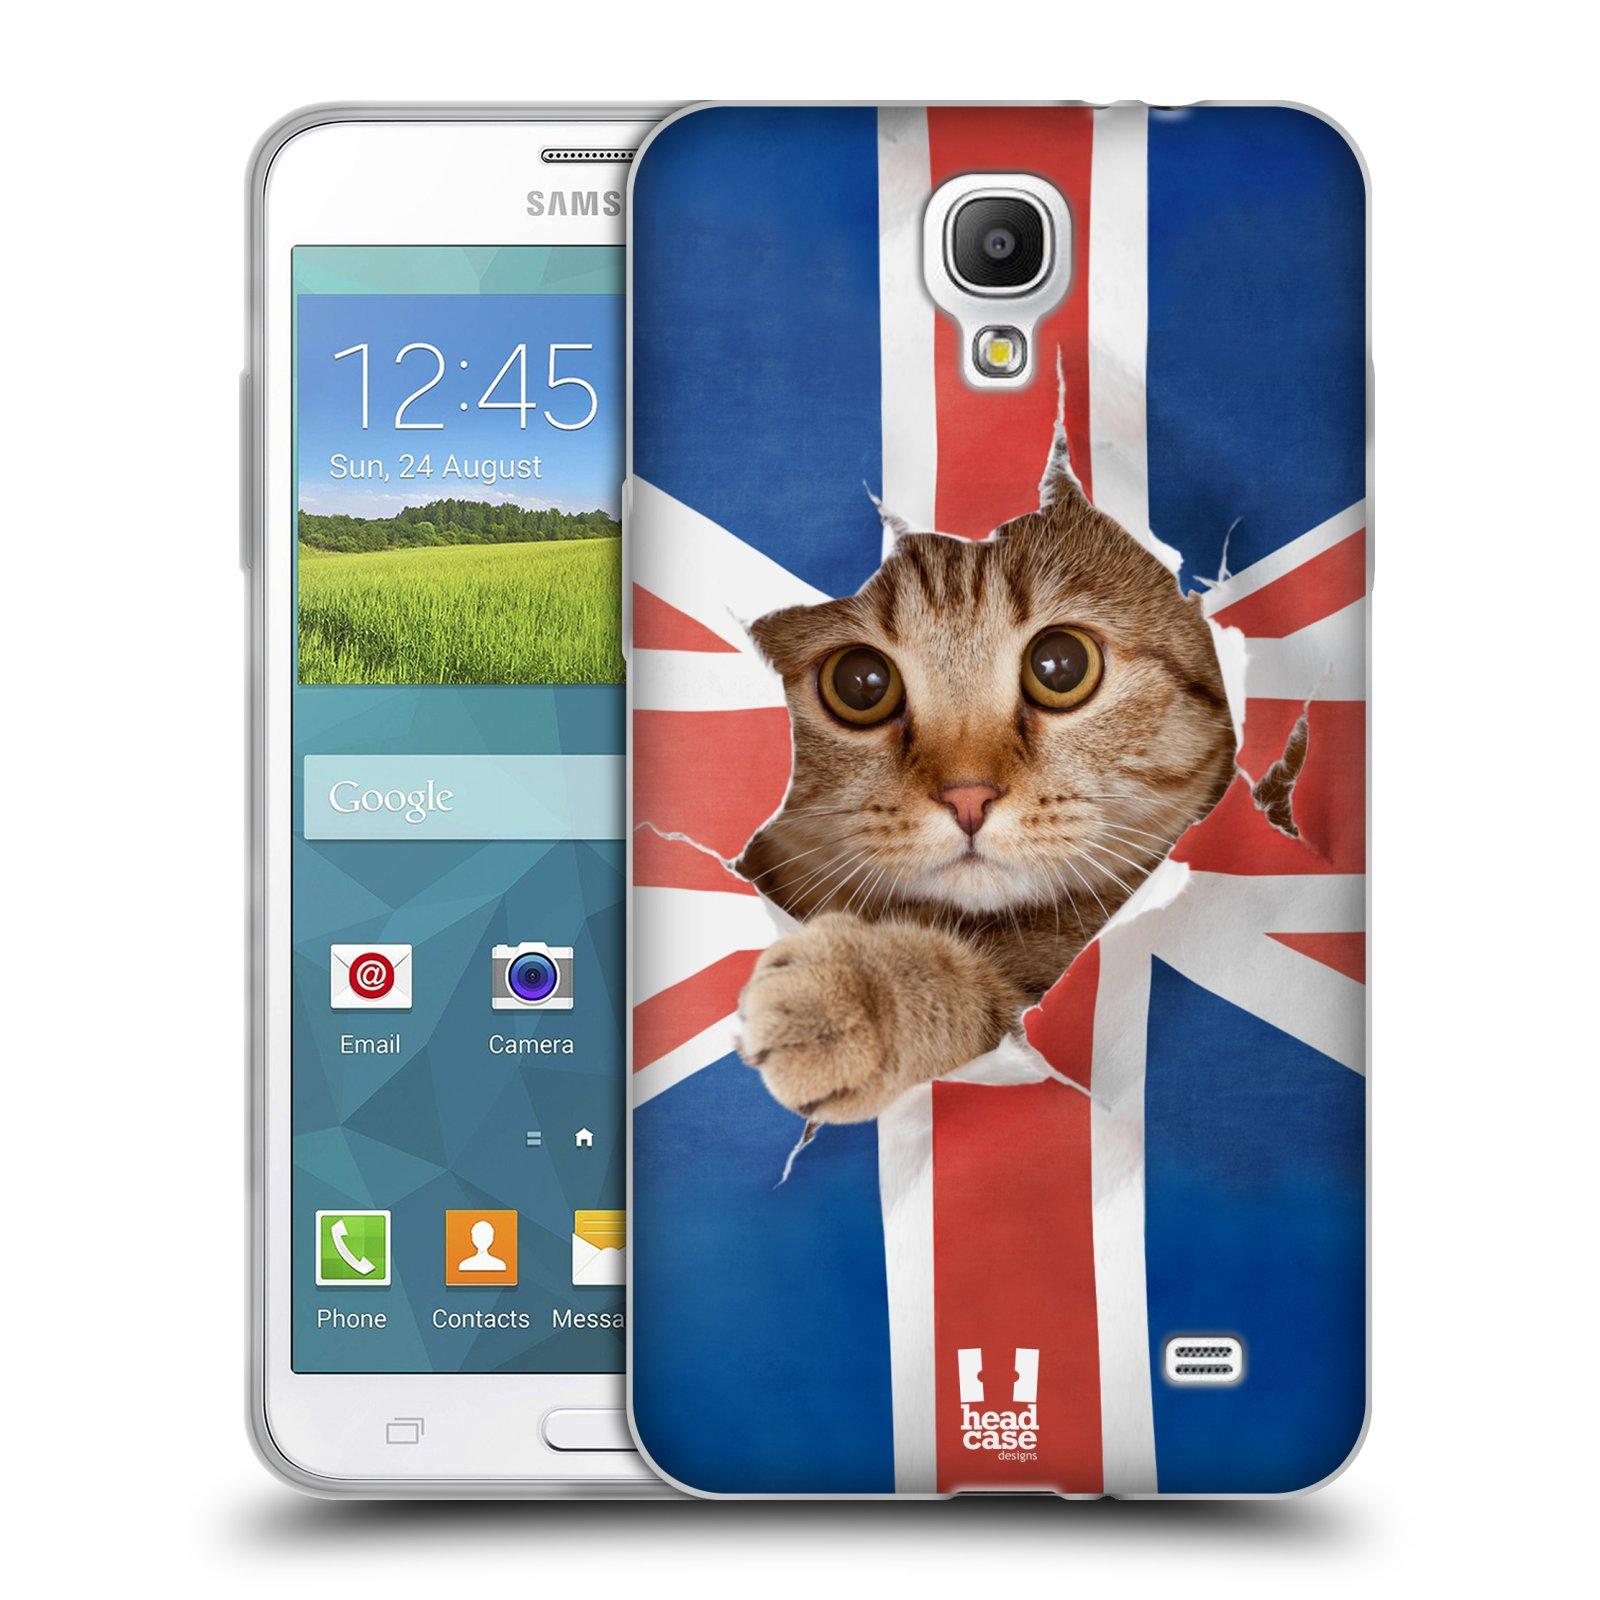 HEAD CASE silikonový obal na mobil Samsung Galaxy Mega 2 vzor Legrační zvířátka kočička a Velká Británie vlajka